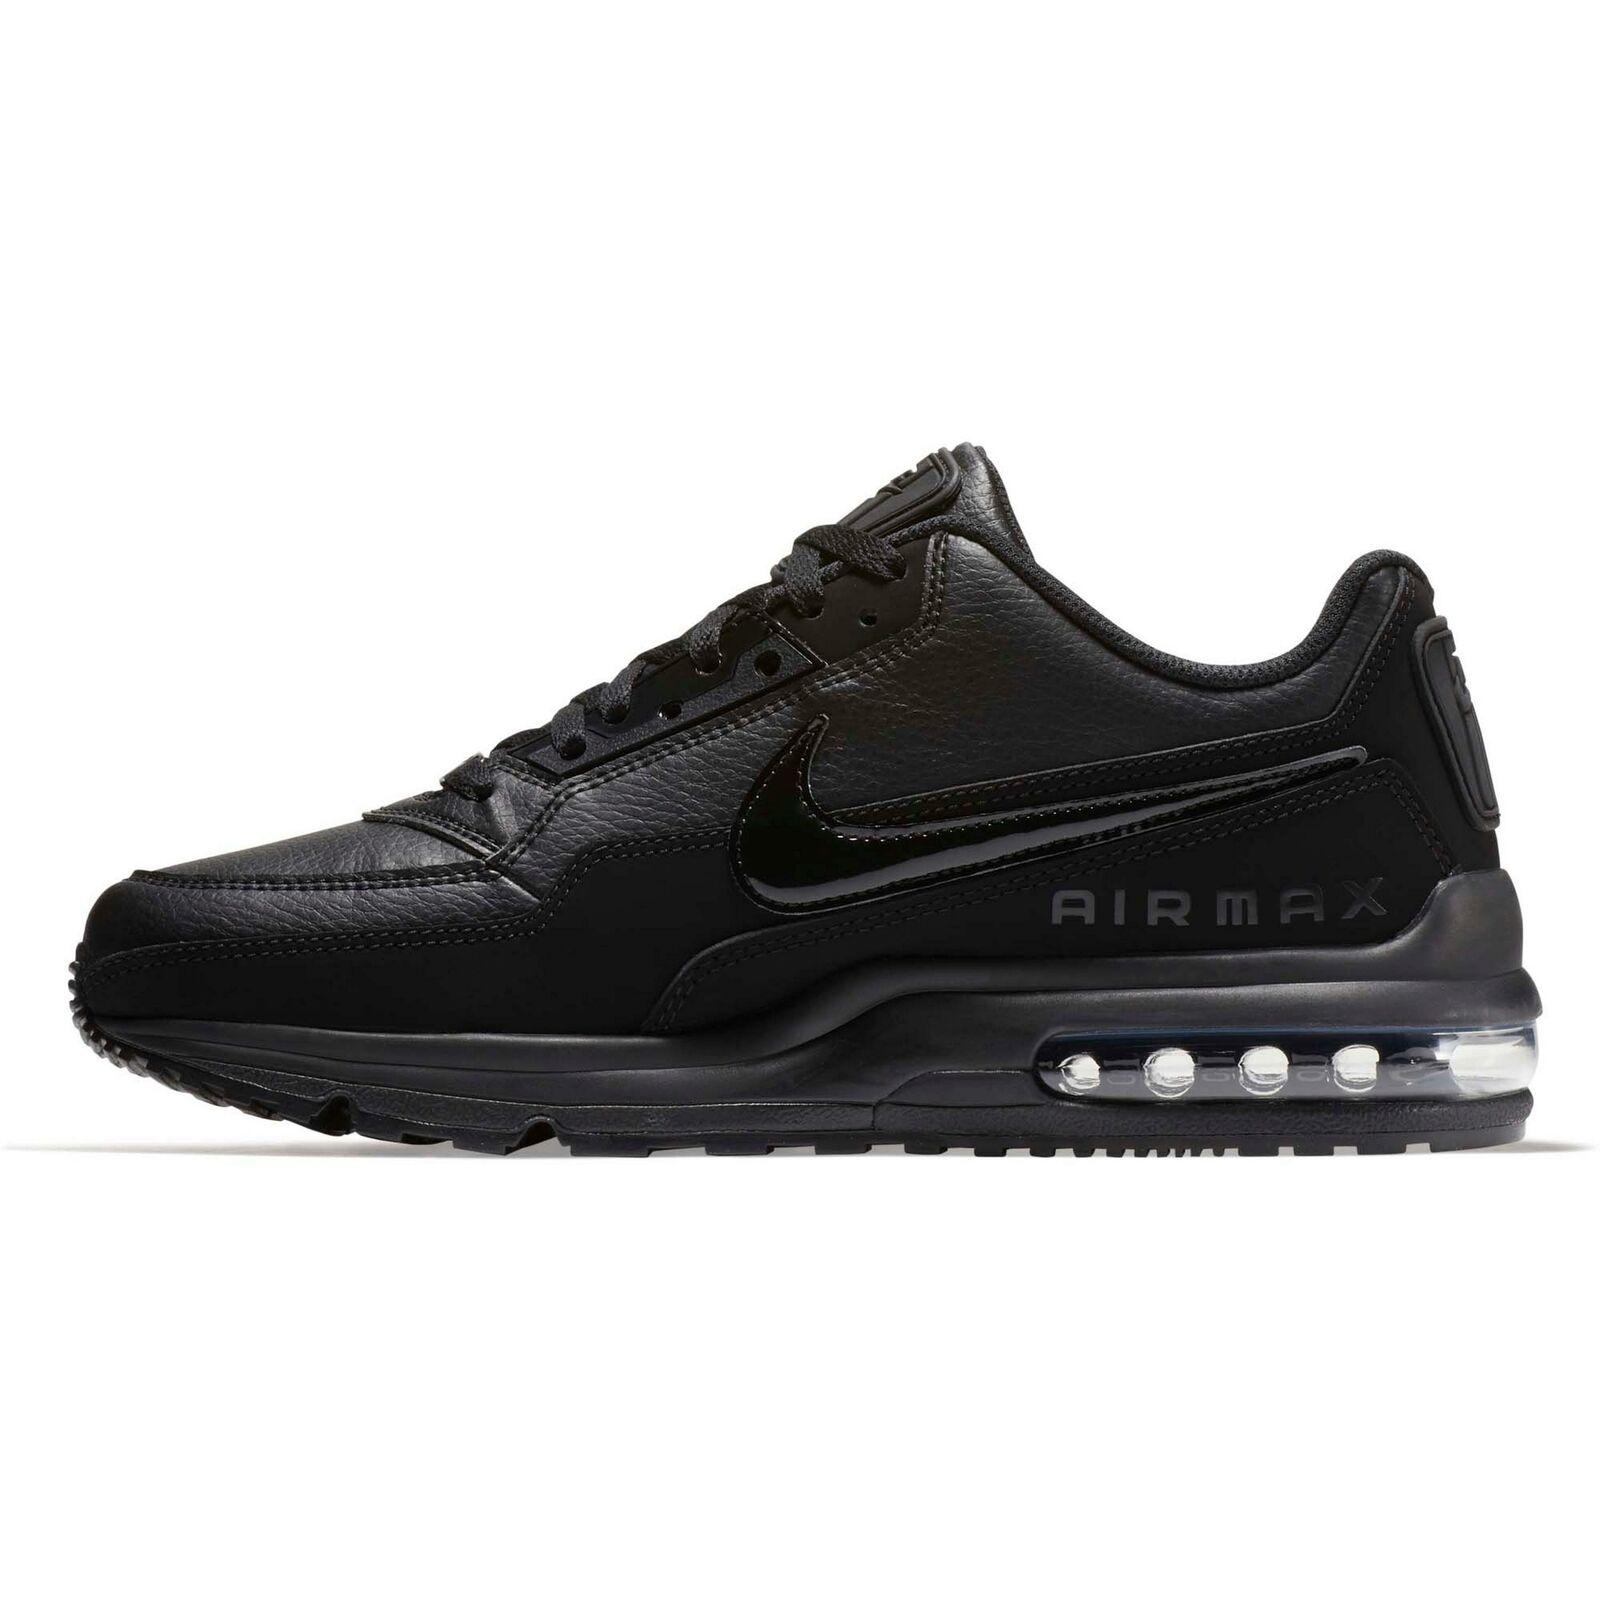 Nike Sportswear Turnschuhe Air Max LTD 3 Herren Action Sports Fashion Schuhe